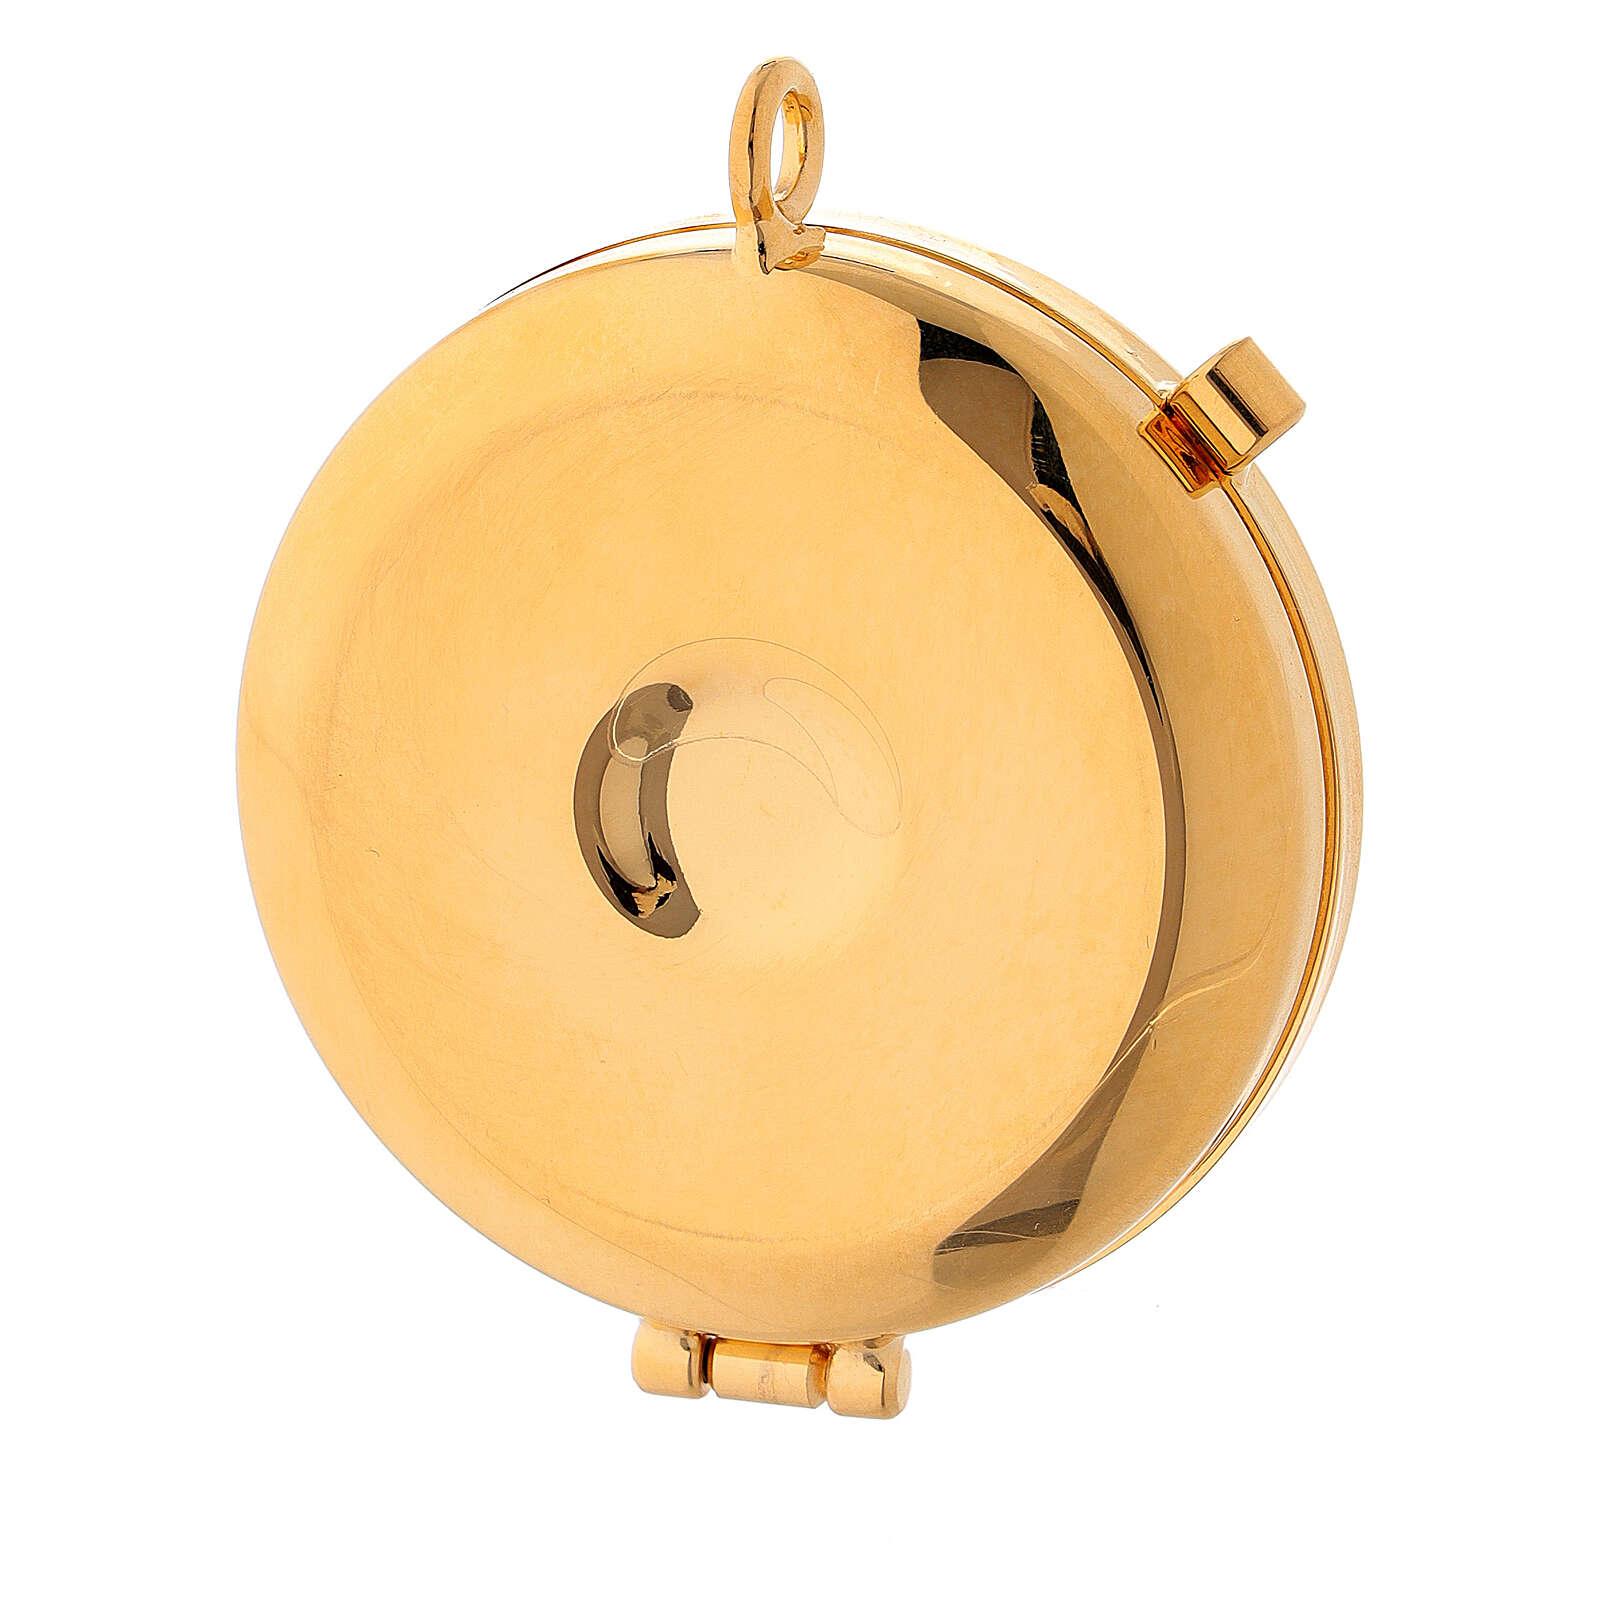 Caixa hóstias latão dourado IHS 3